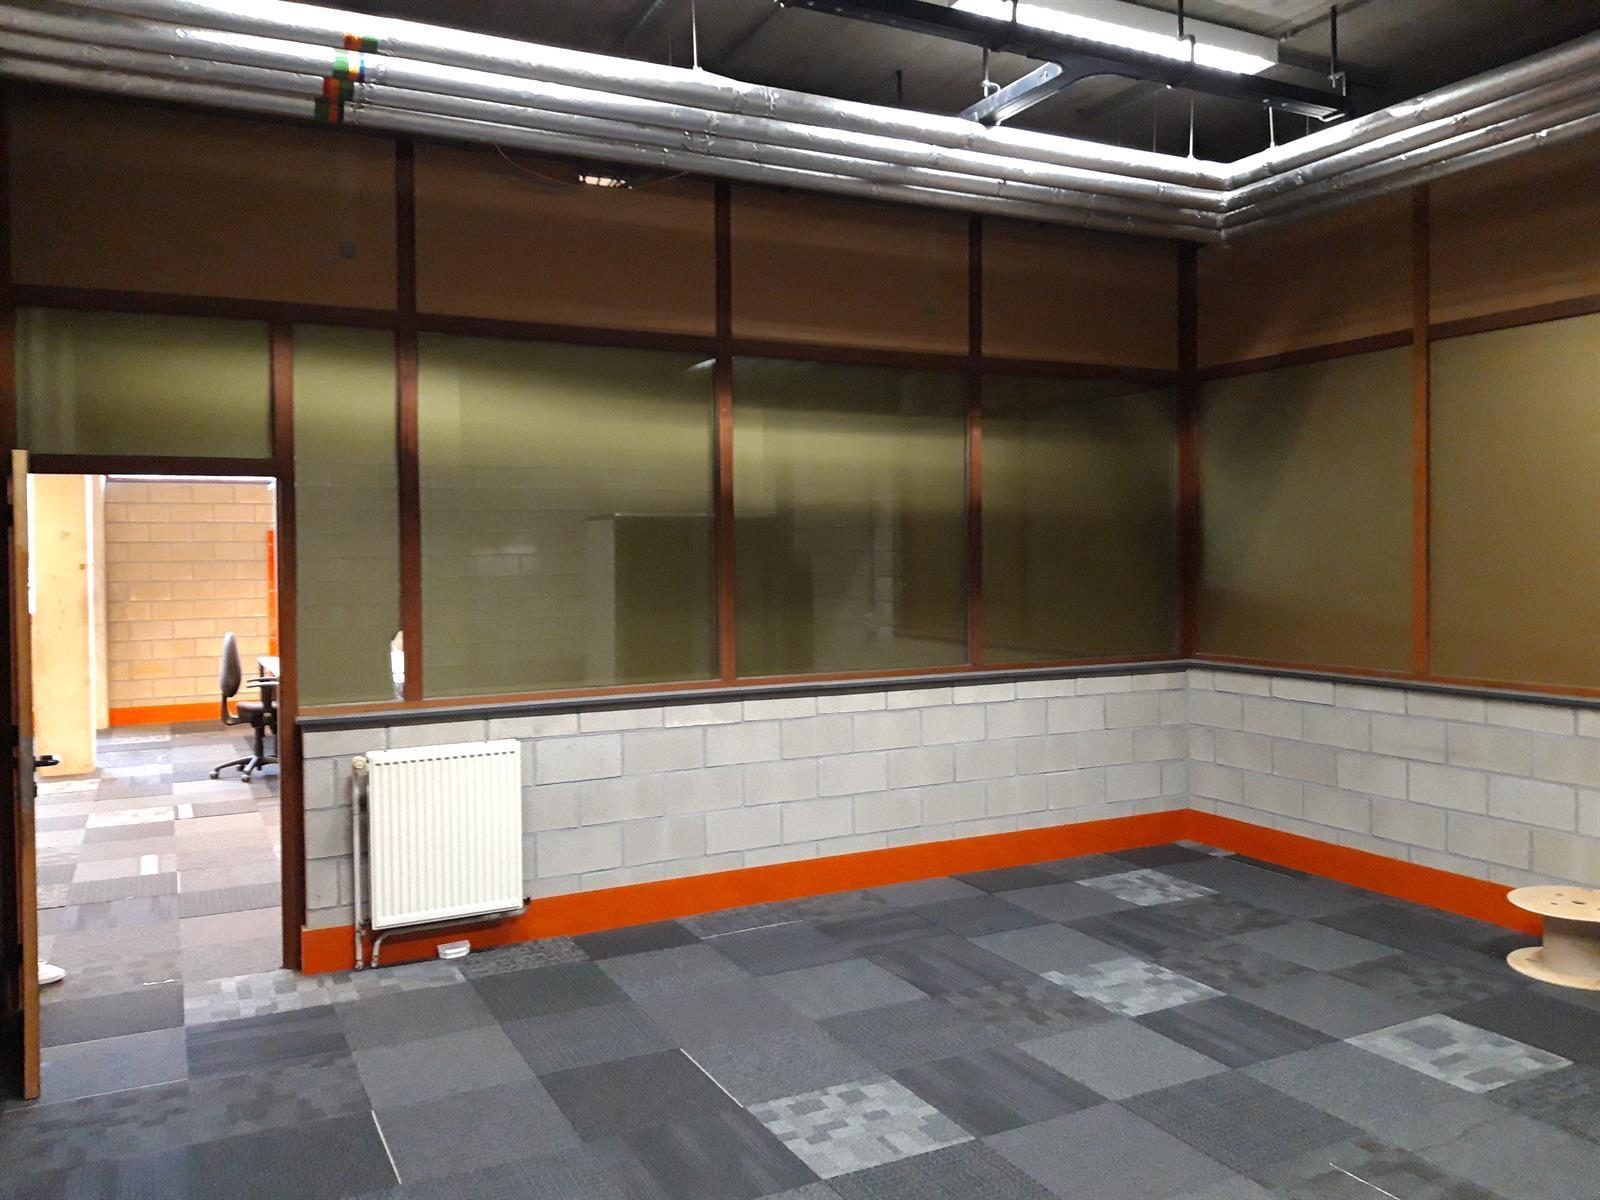 kantoren & magazijn te huur Magazijn (250m²) met Kantoor (180m²) Blarenberglaan 6